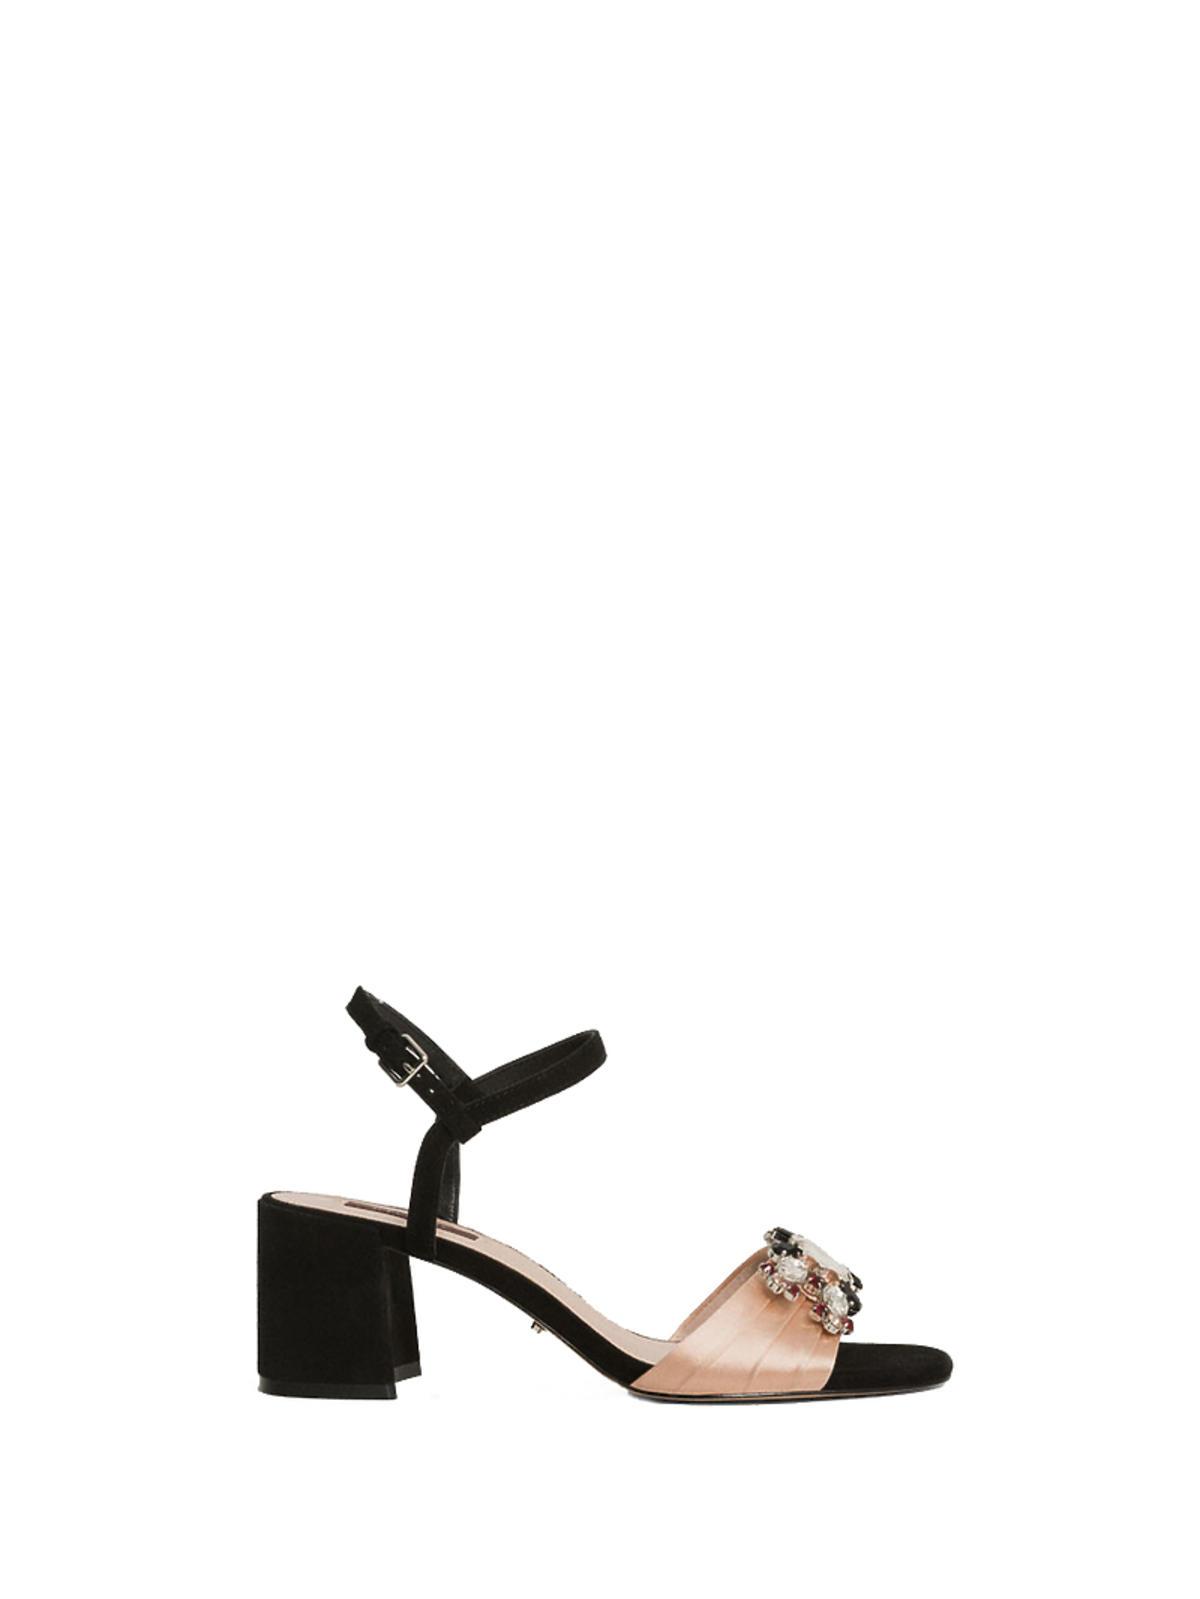 Atłasowe sandały z ozdobą Uterque Zara H&M Mohito